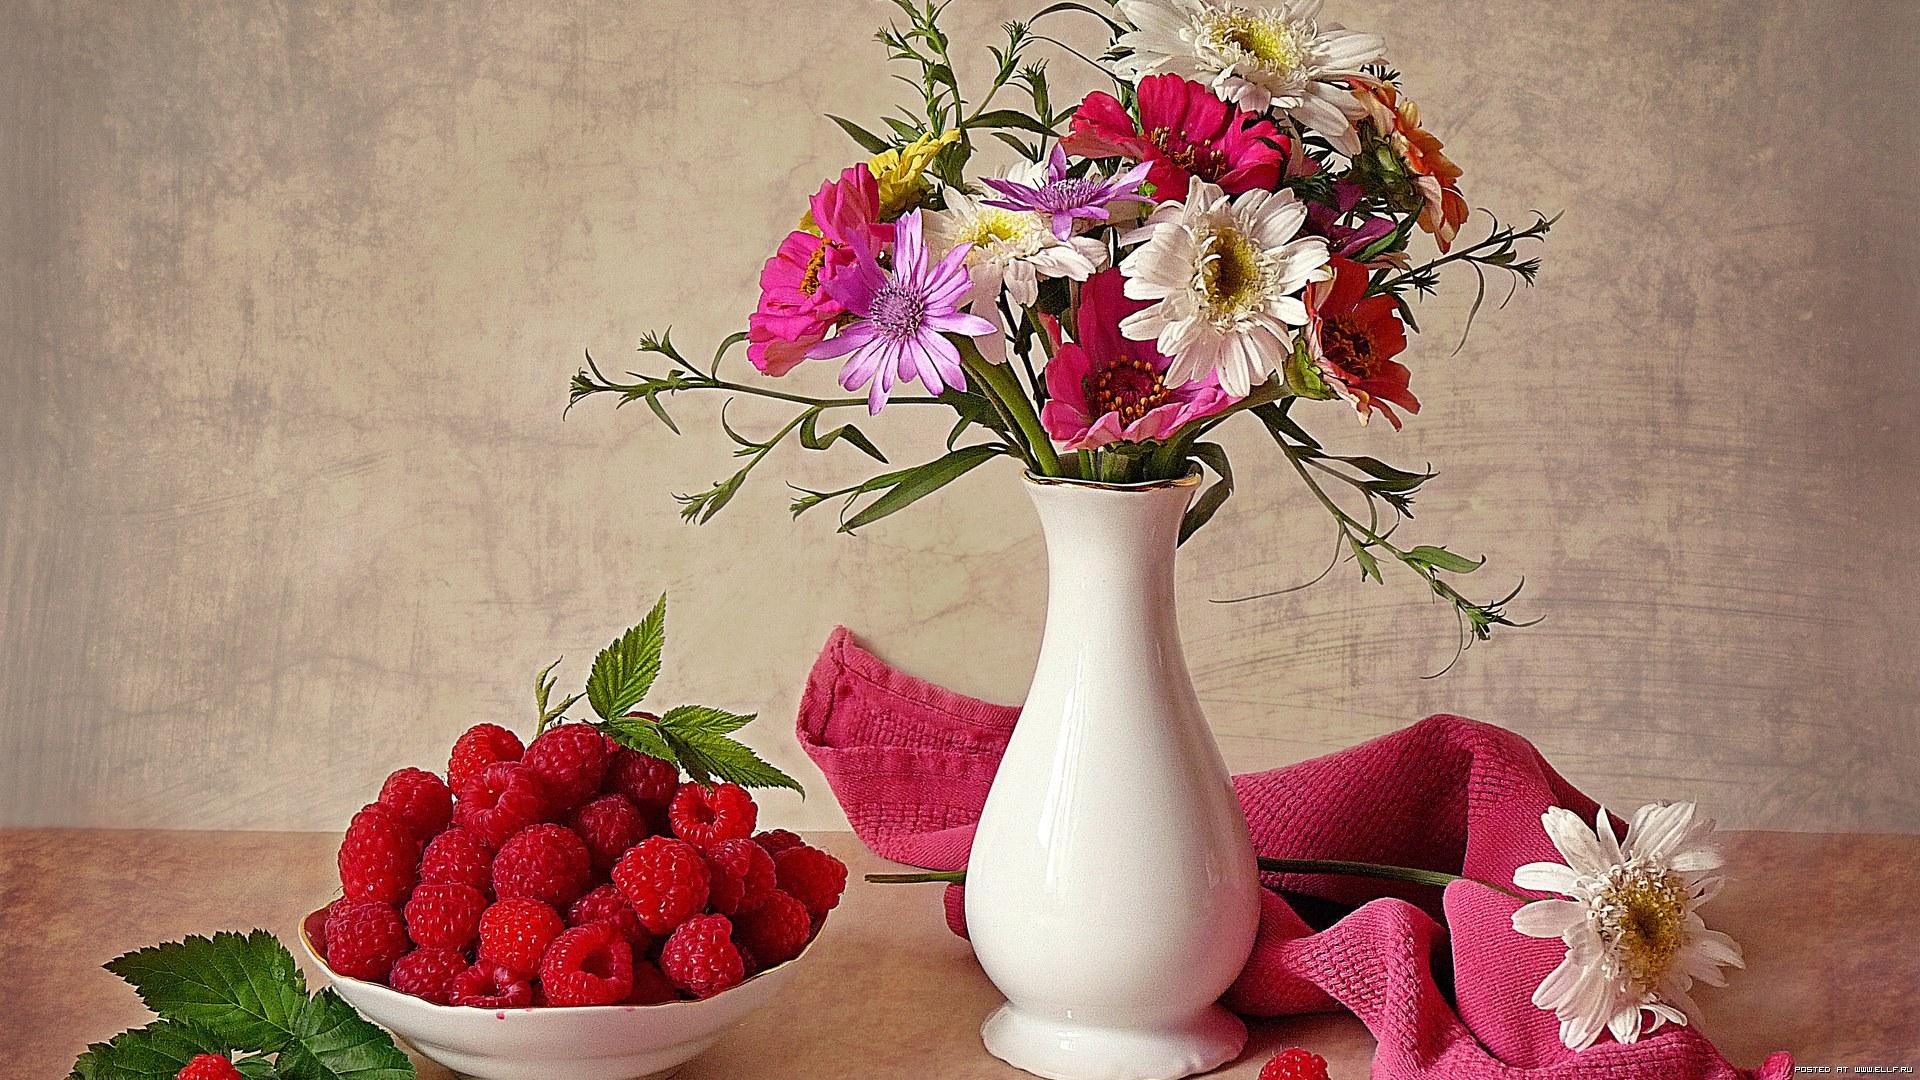 26091 скачать обои Растения, Цветы, Букеты, Натюрморт - заставки и картинки бесплатно